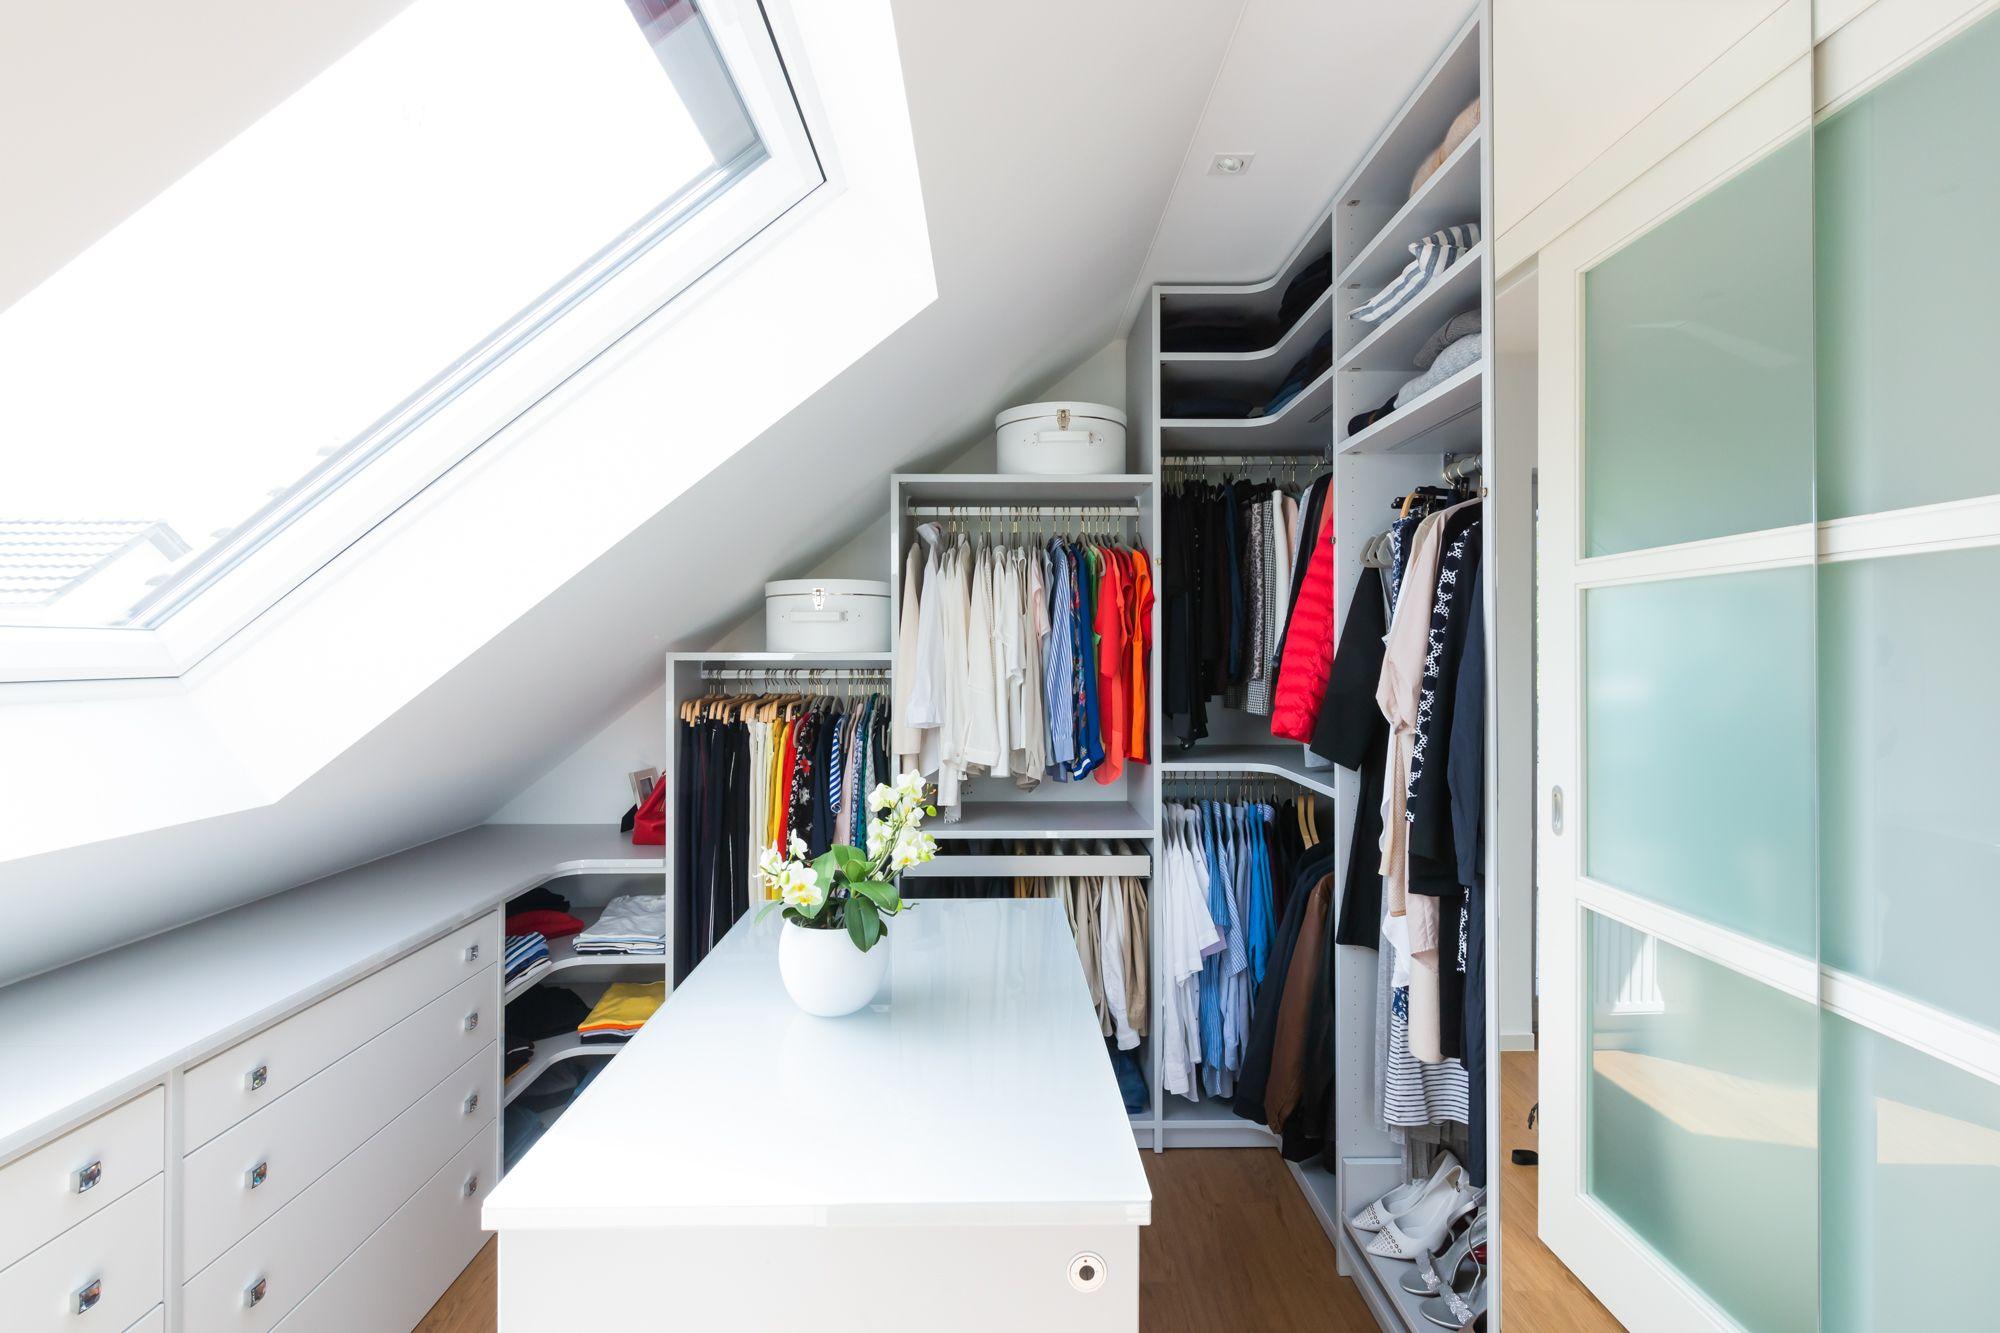 Ein begehbarer Kleiderschrank trotz Schräge - wie das funktionieren kann, seht ihr hier.